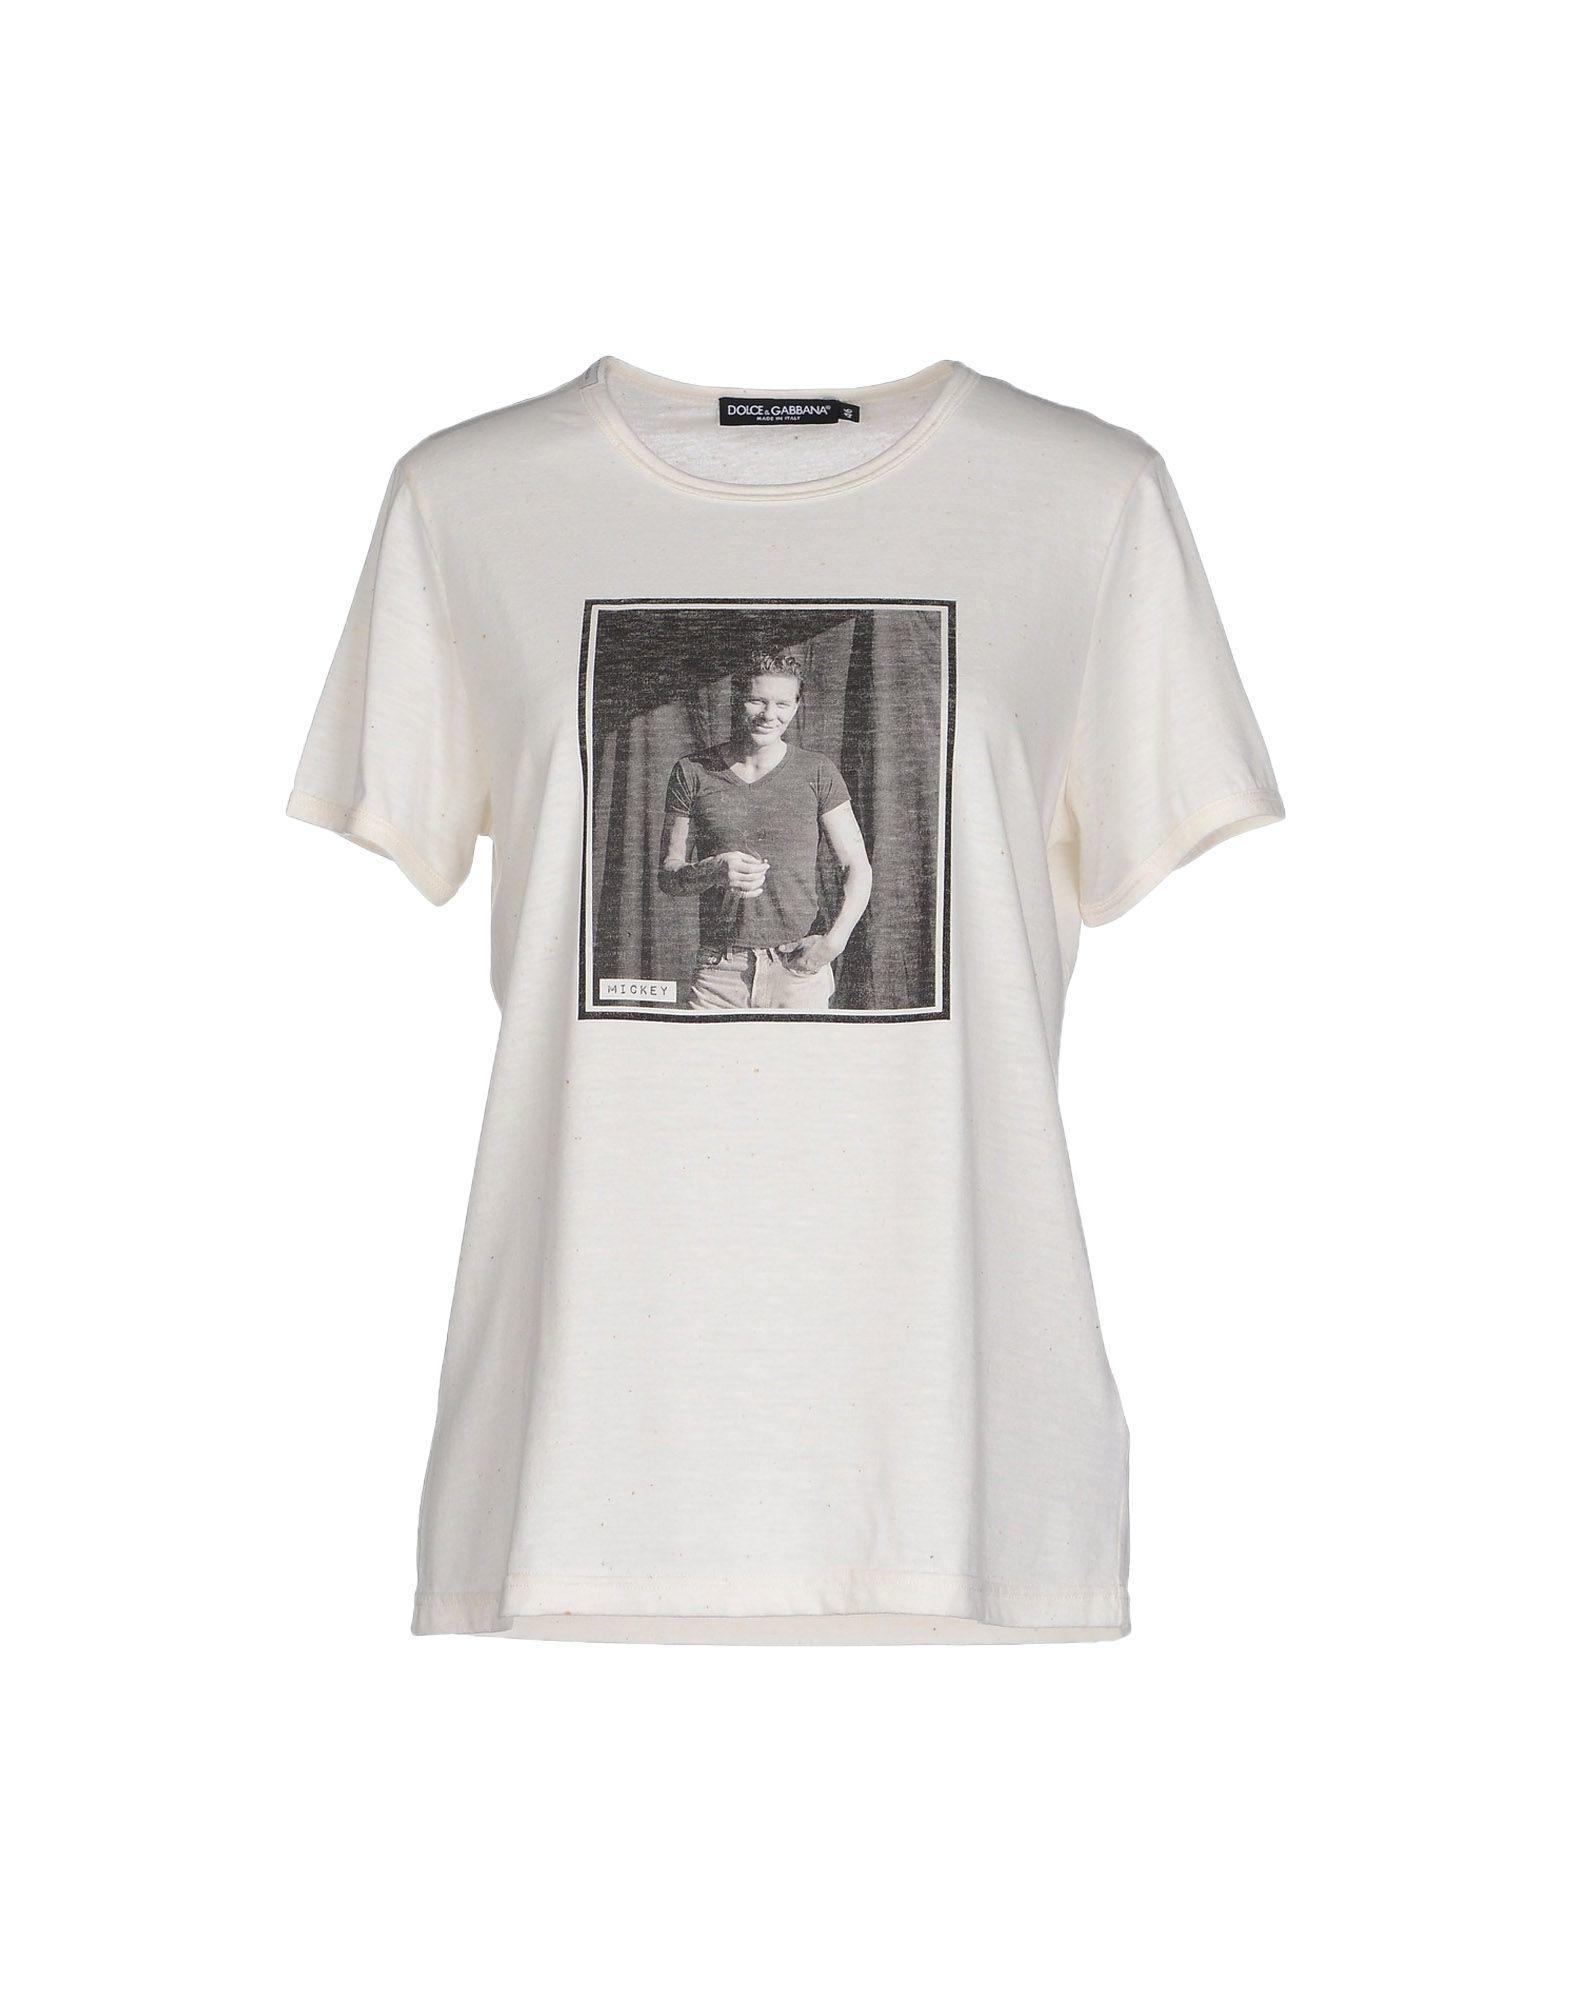 Dolce gabbana t shirt in white lyst for Dolce gabbana t shirt women